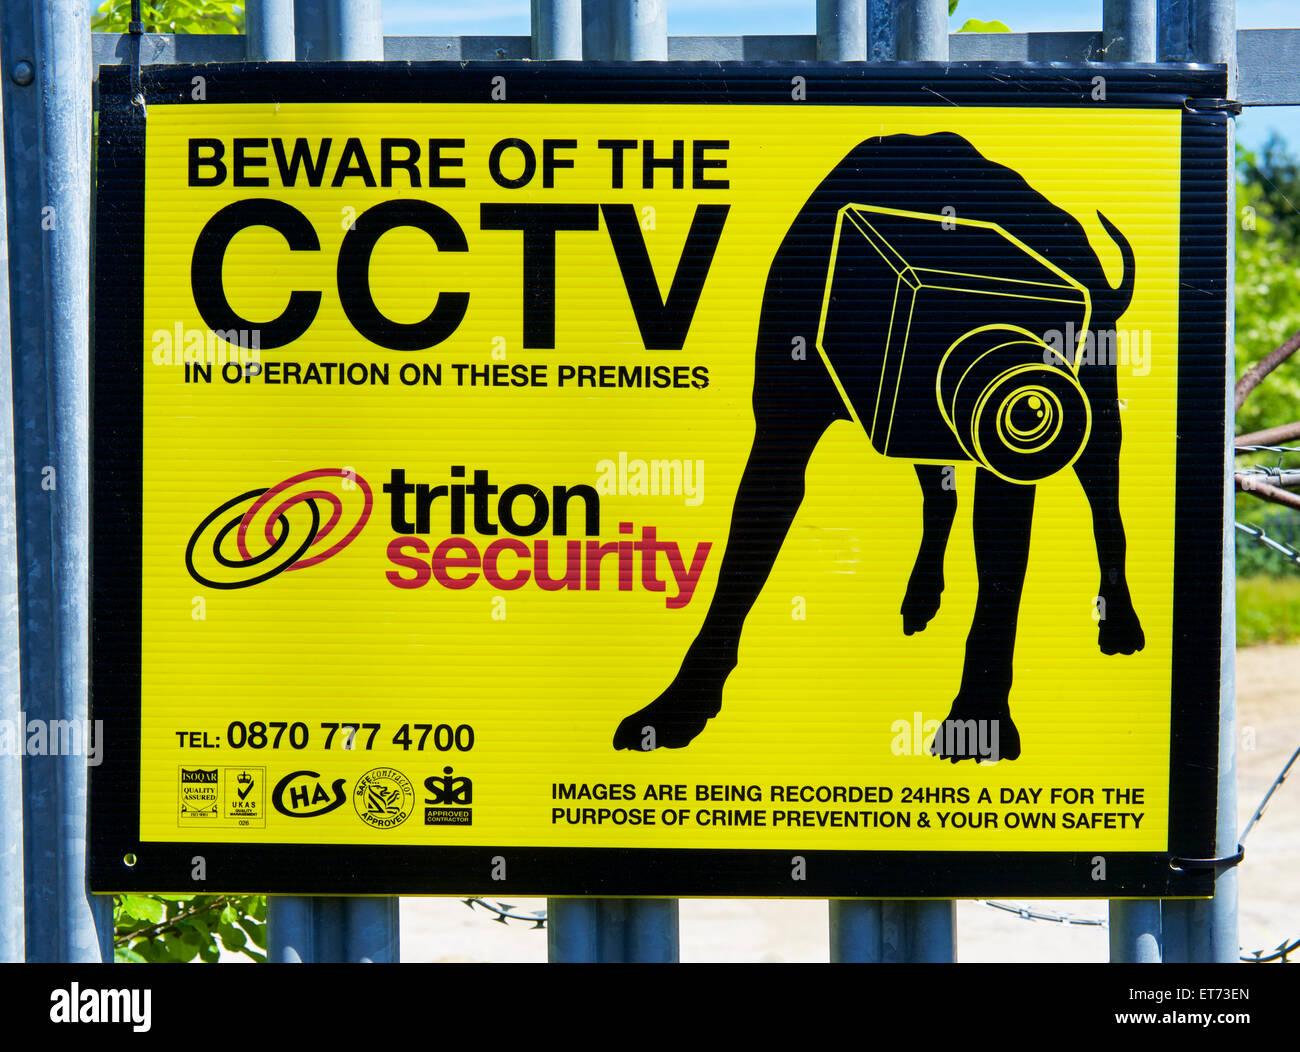 sign-on-property-warning-of-cctv-cameras-england-uk-ET73EN.jpg